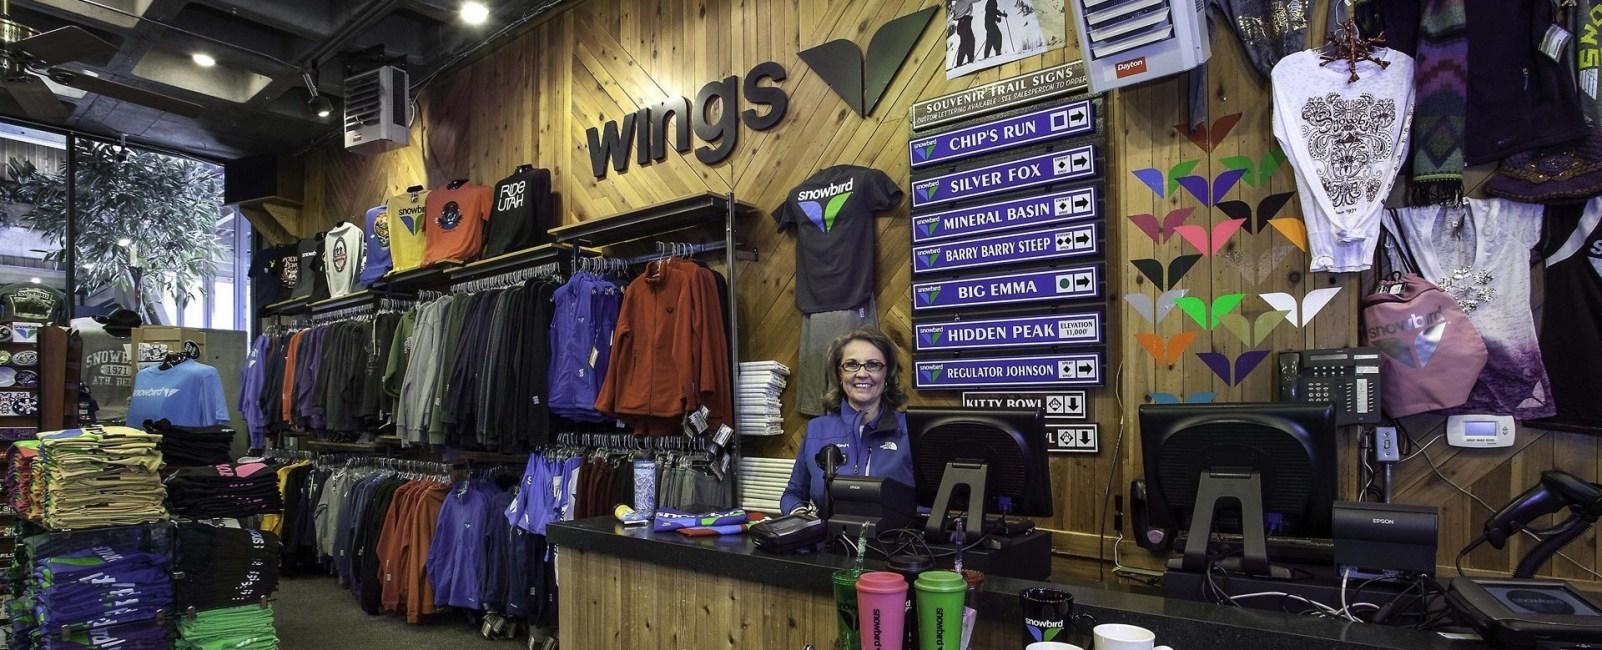 Snowbird Wings Retail